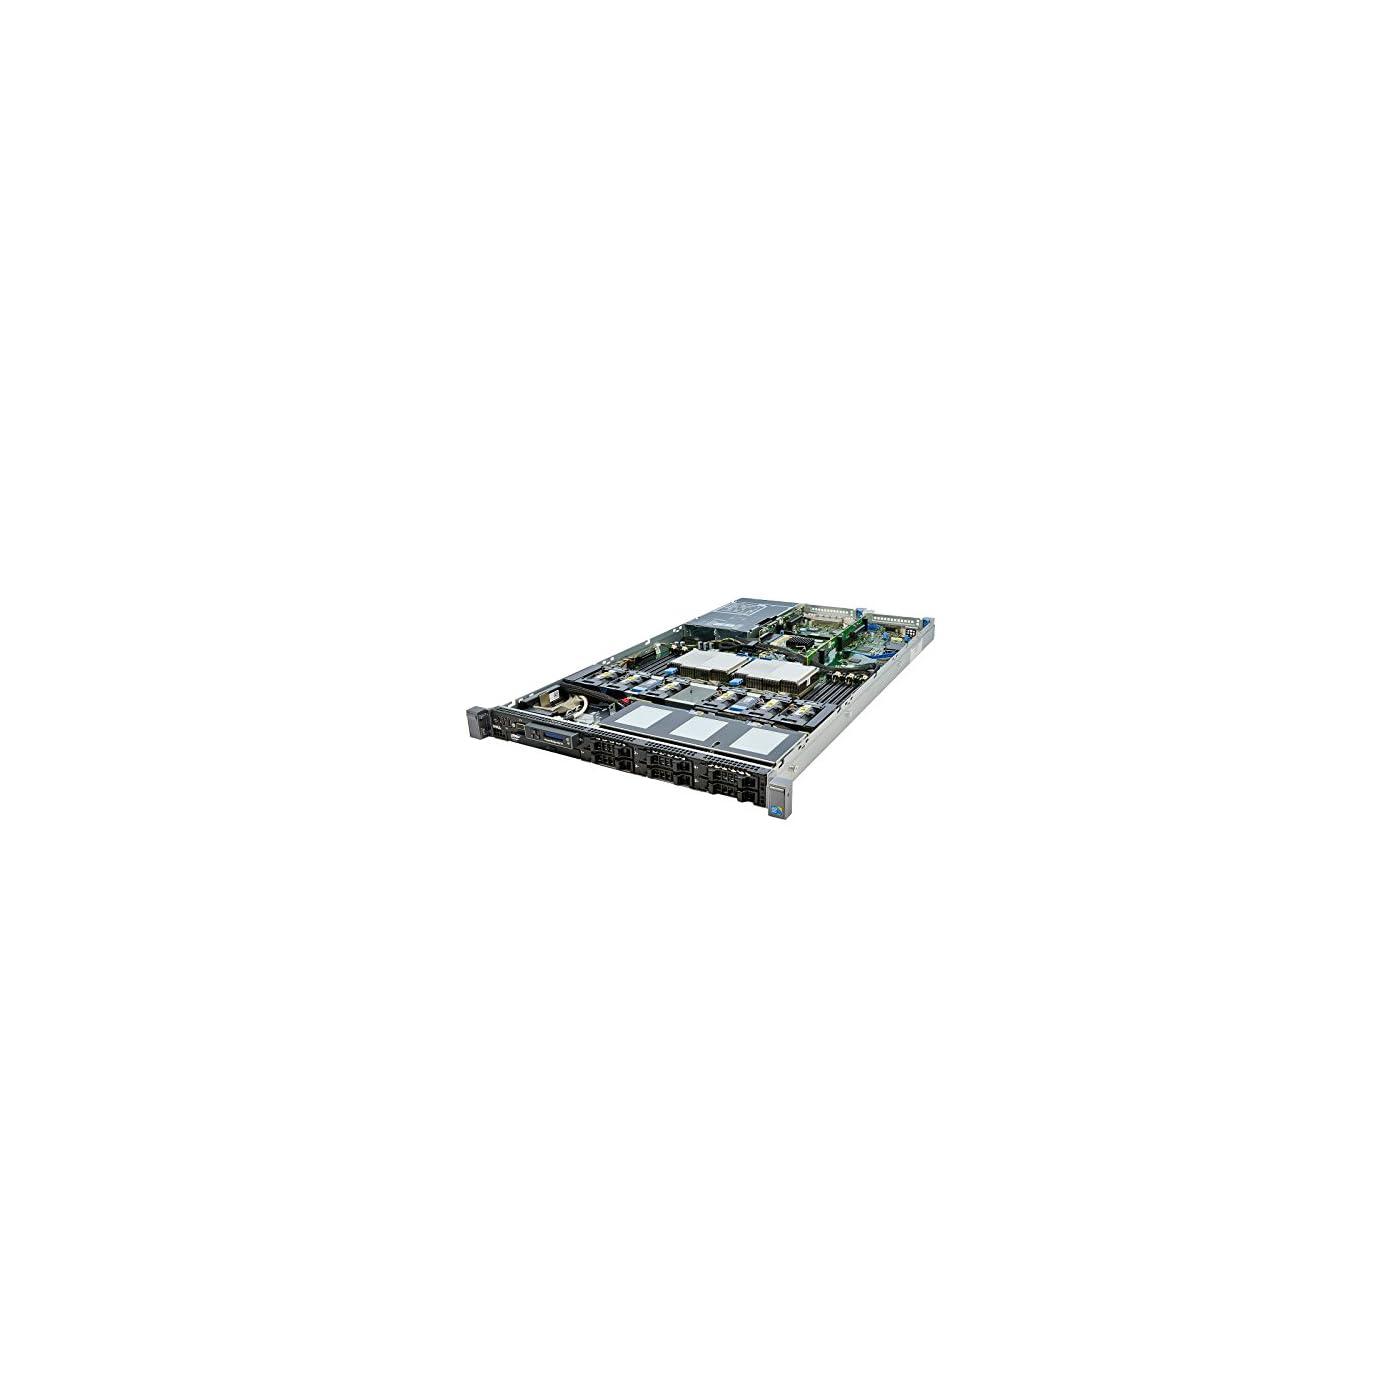 DELL-PowerEdge-R610-2x-333Ghz-X5680-Six-Core-16GB-2x-300GB